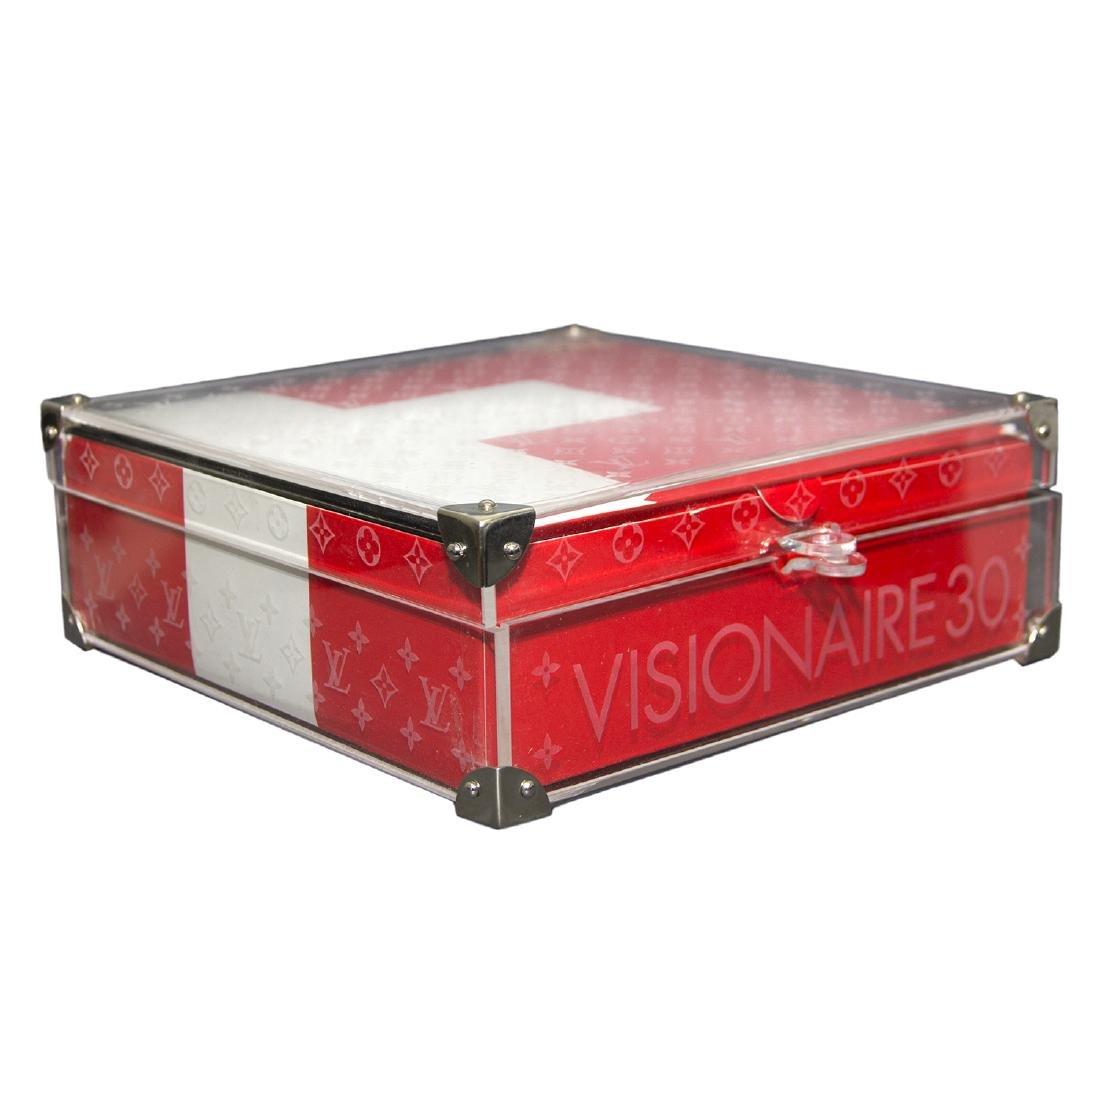 Vintage Louis Vuitton: Visionaire 30 game set